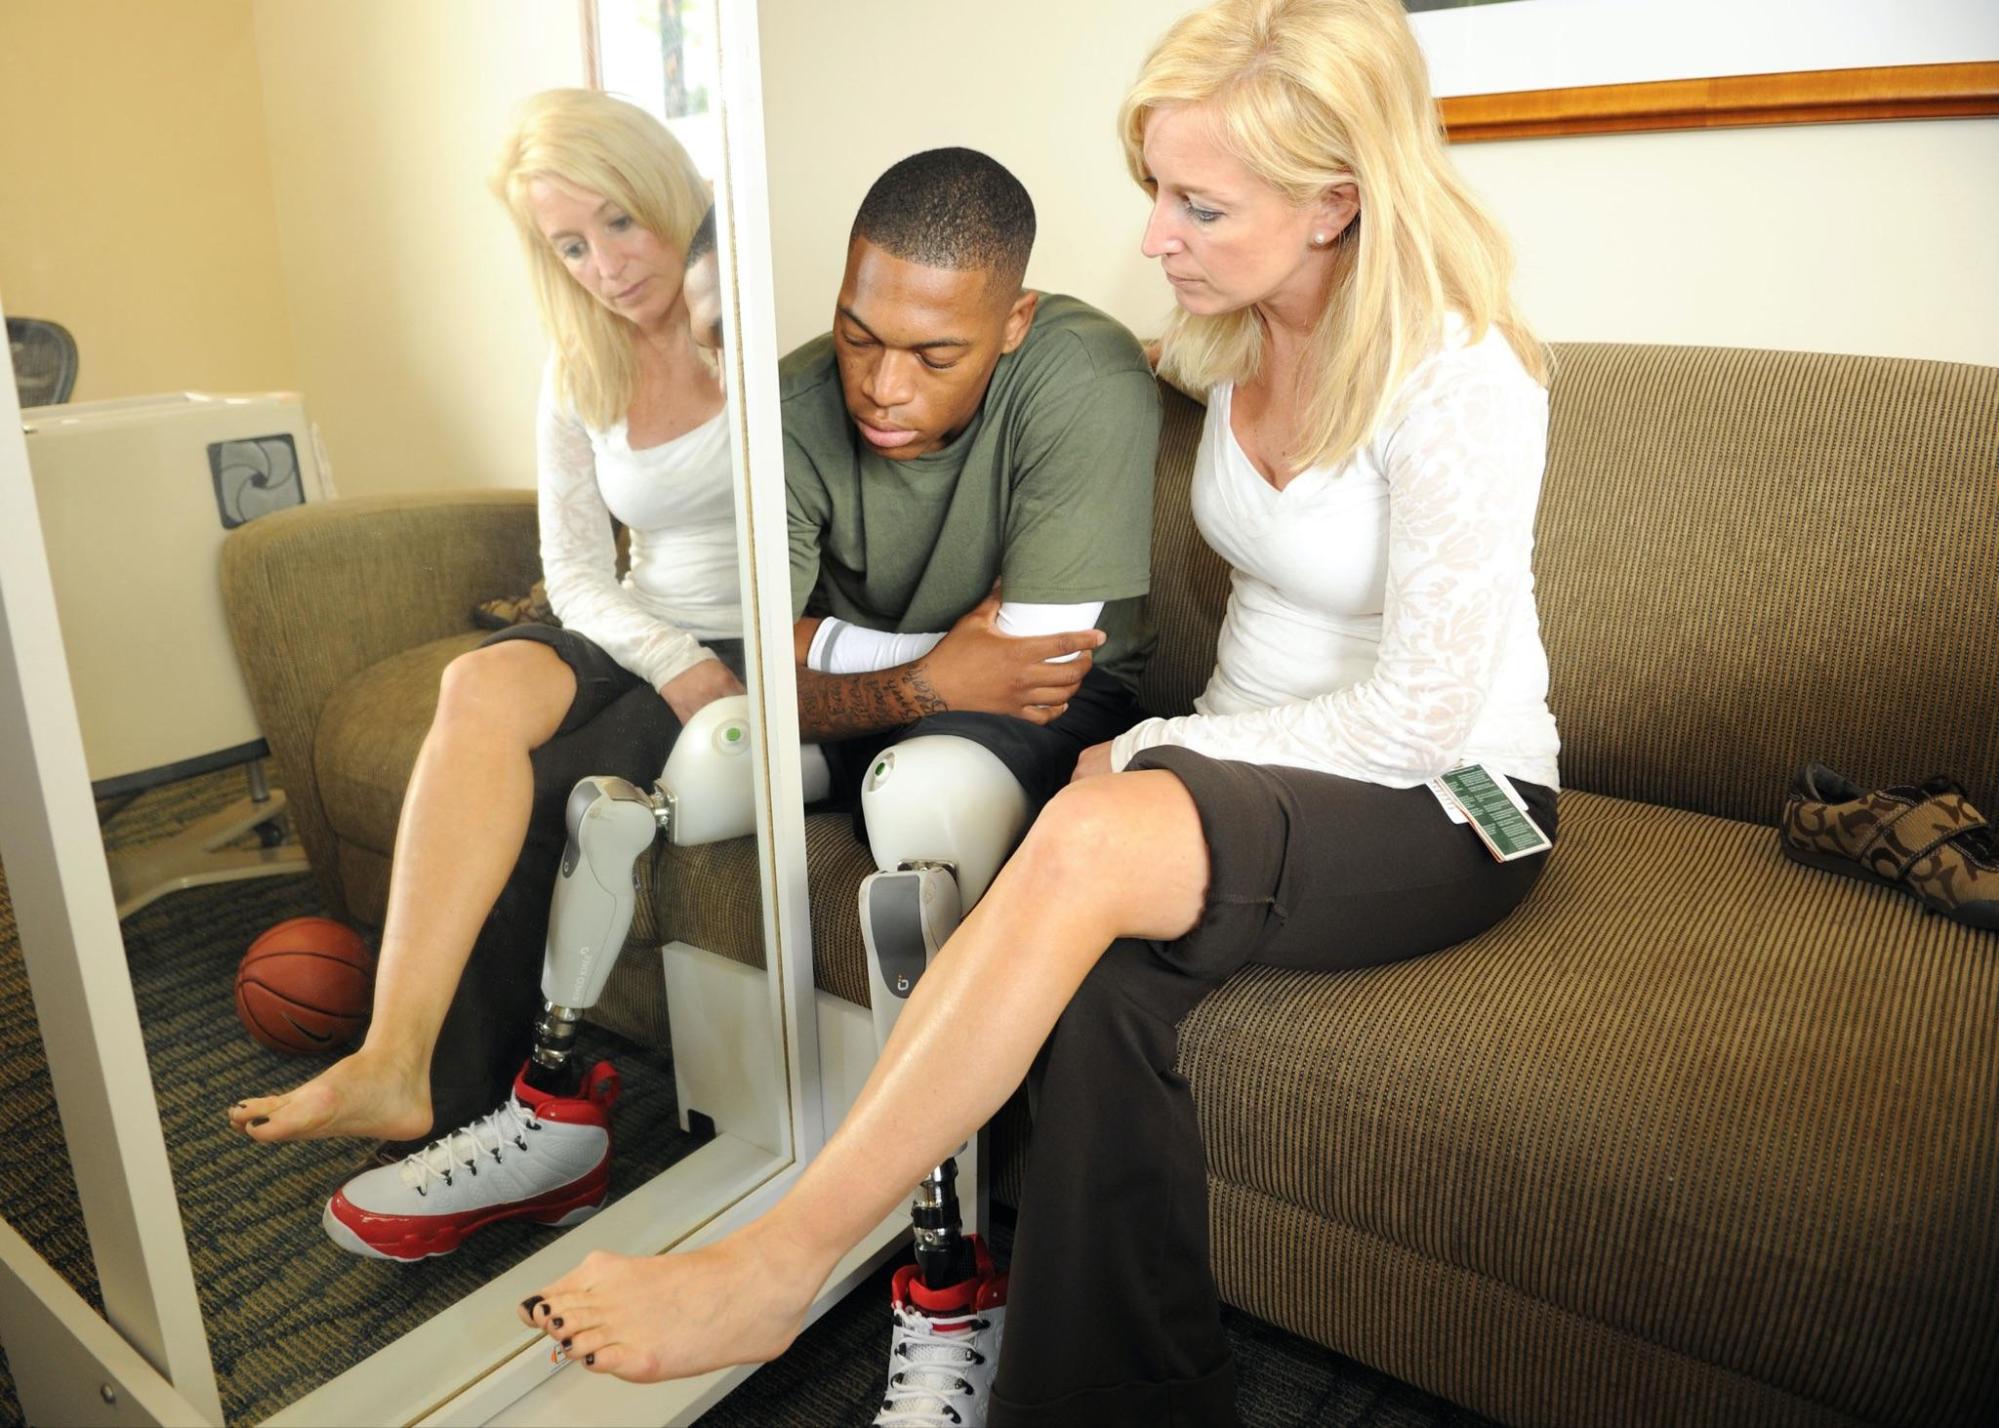 目前已經有多篇臨床論文證明鏡像治療能有效幫助肢體失能的中風患者增加關節活動程度和精確性。圖/wikipedia